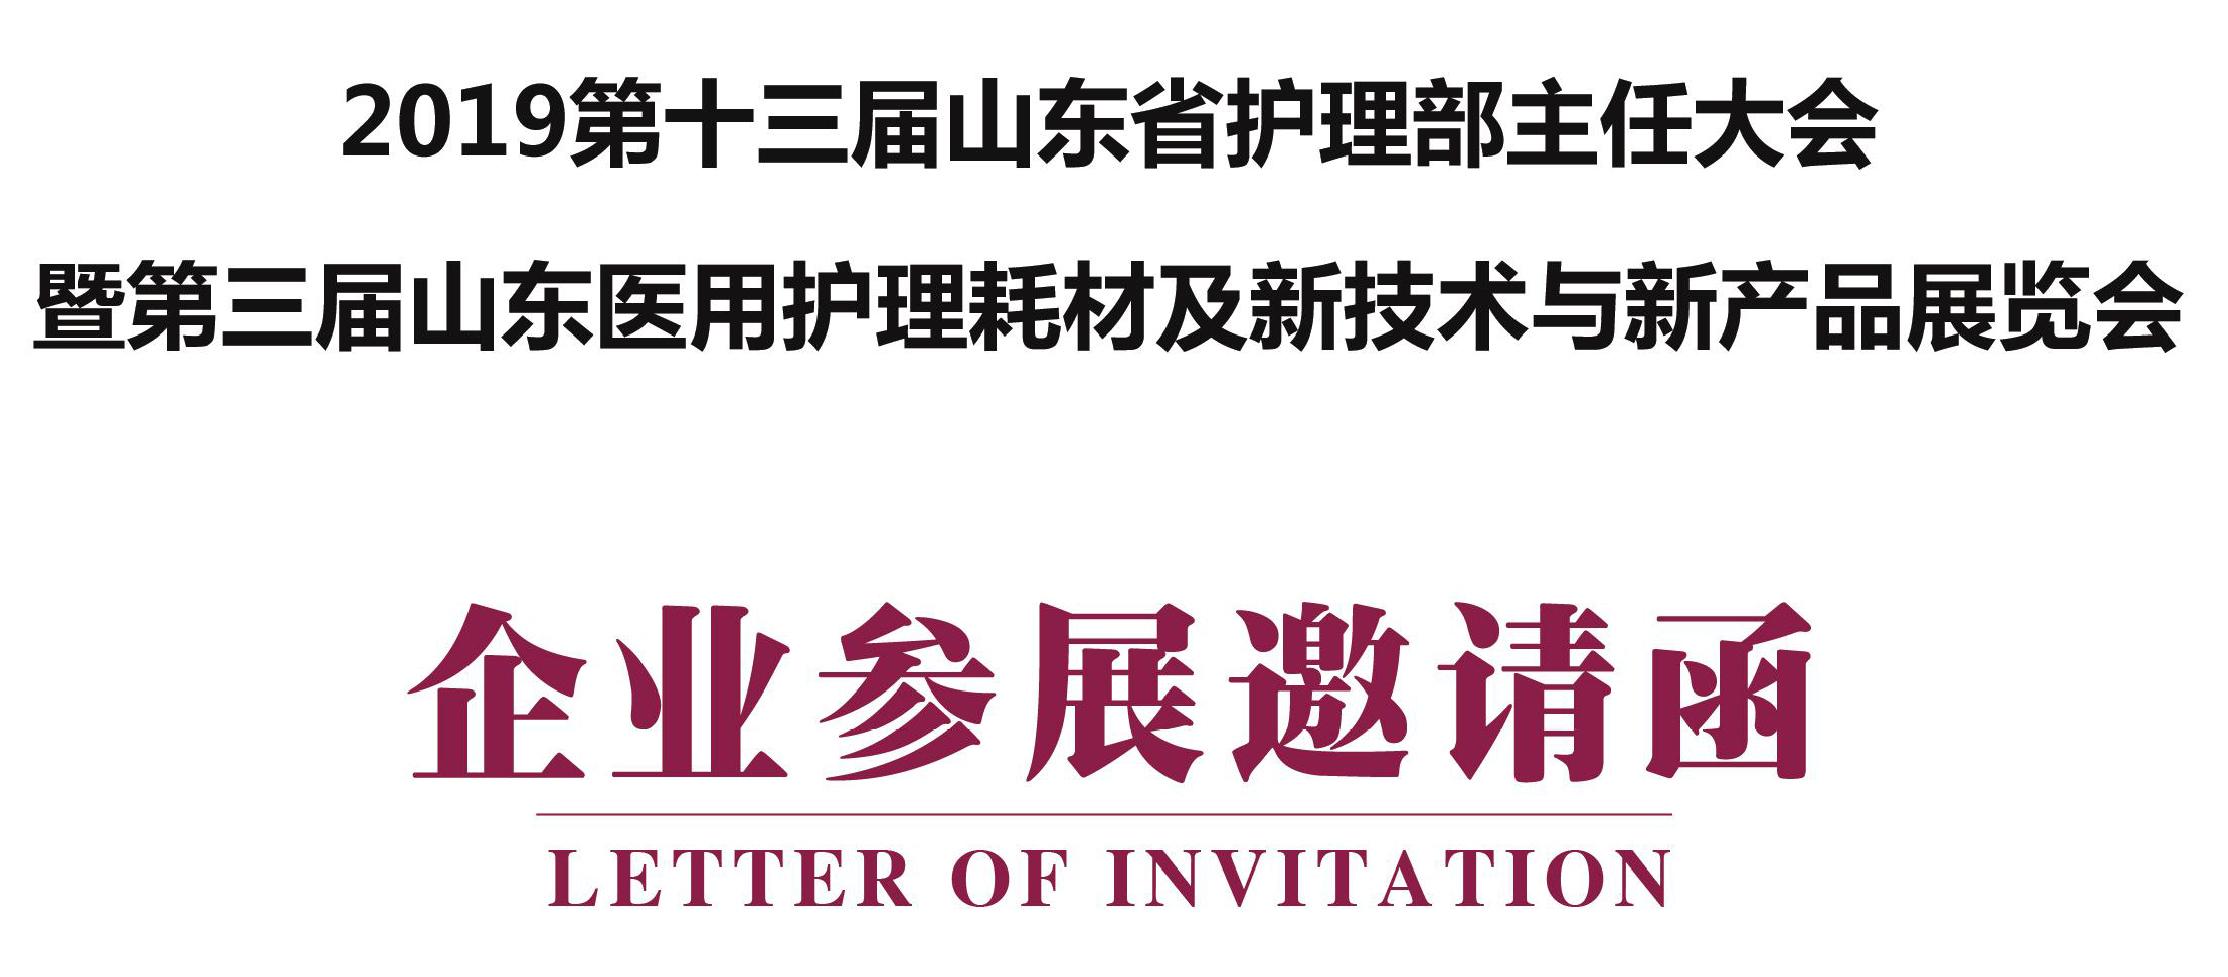 天坦软件应邀参加2019第十三届山东省护理部主任大会